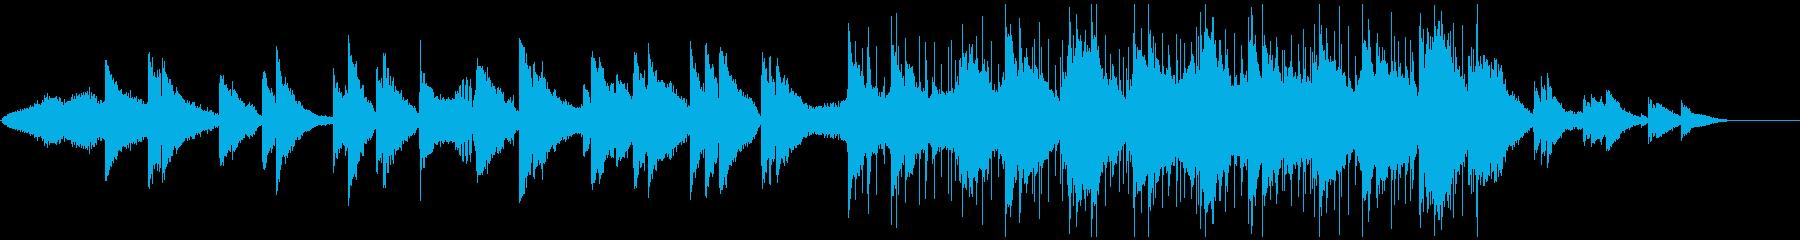 アンビエント感のある感動的なポストロックの再生済みの波形